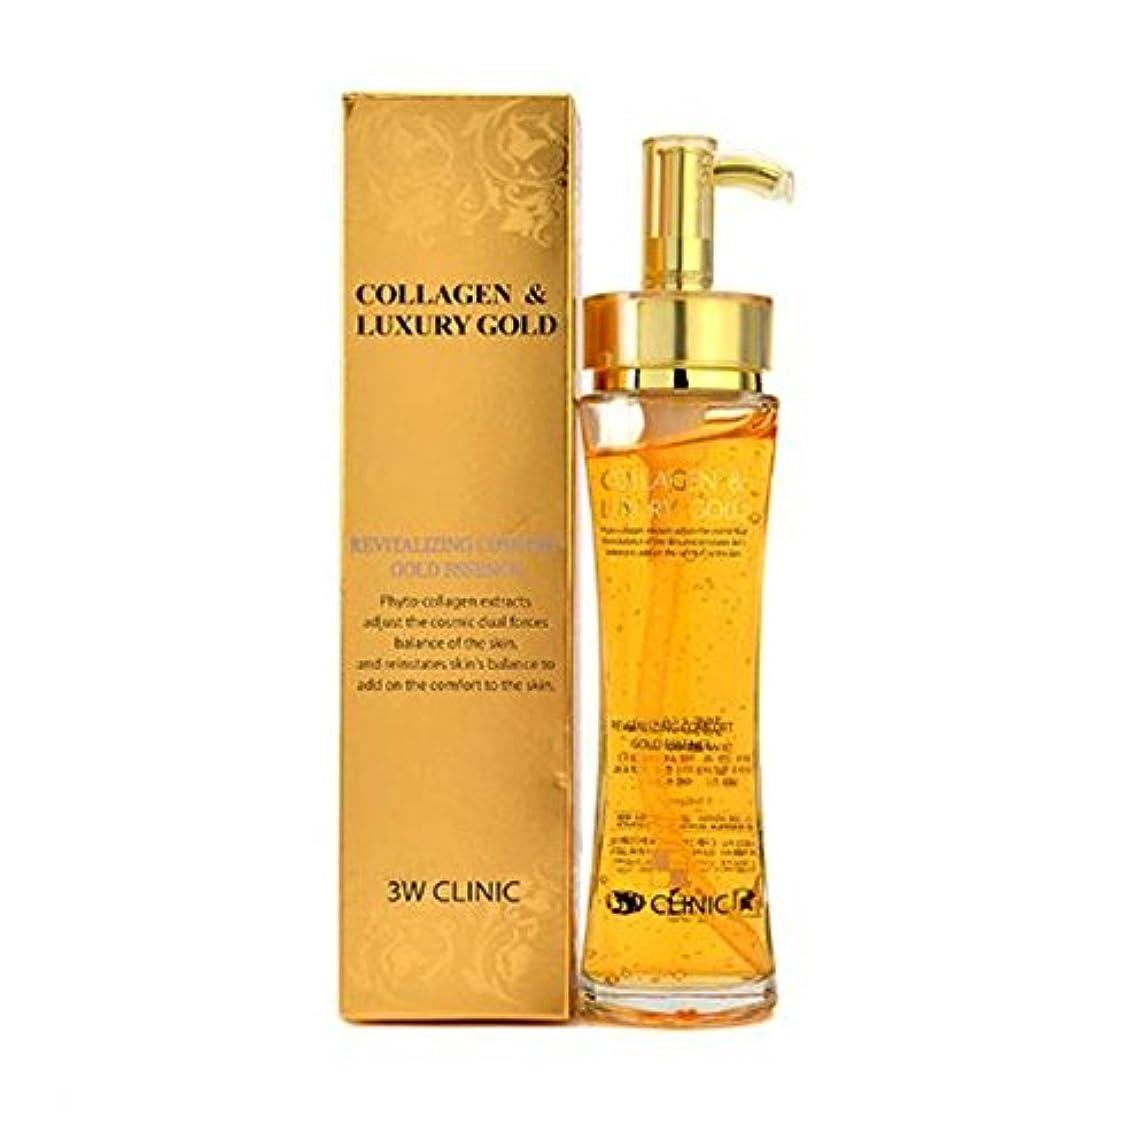 未就学メイト予測子3Wクリニック Collagen & Luxury Gold Revitalizing Comfort Gold Essence 150ml/5.07oz並行輸入品